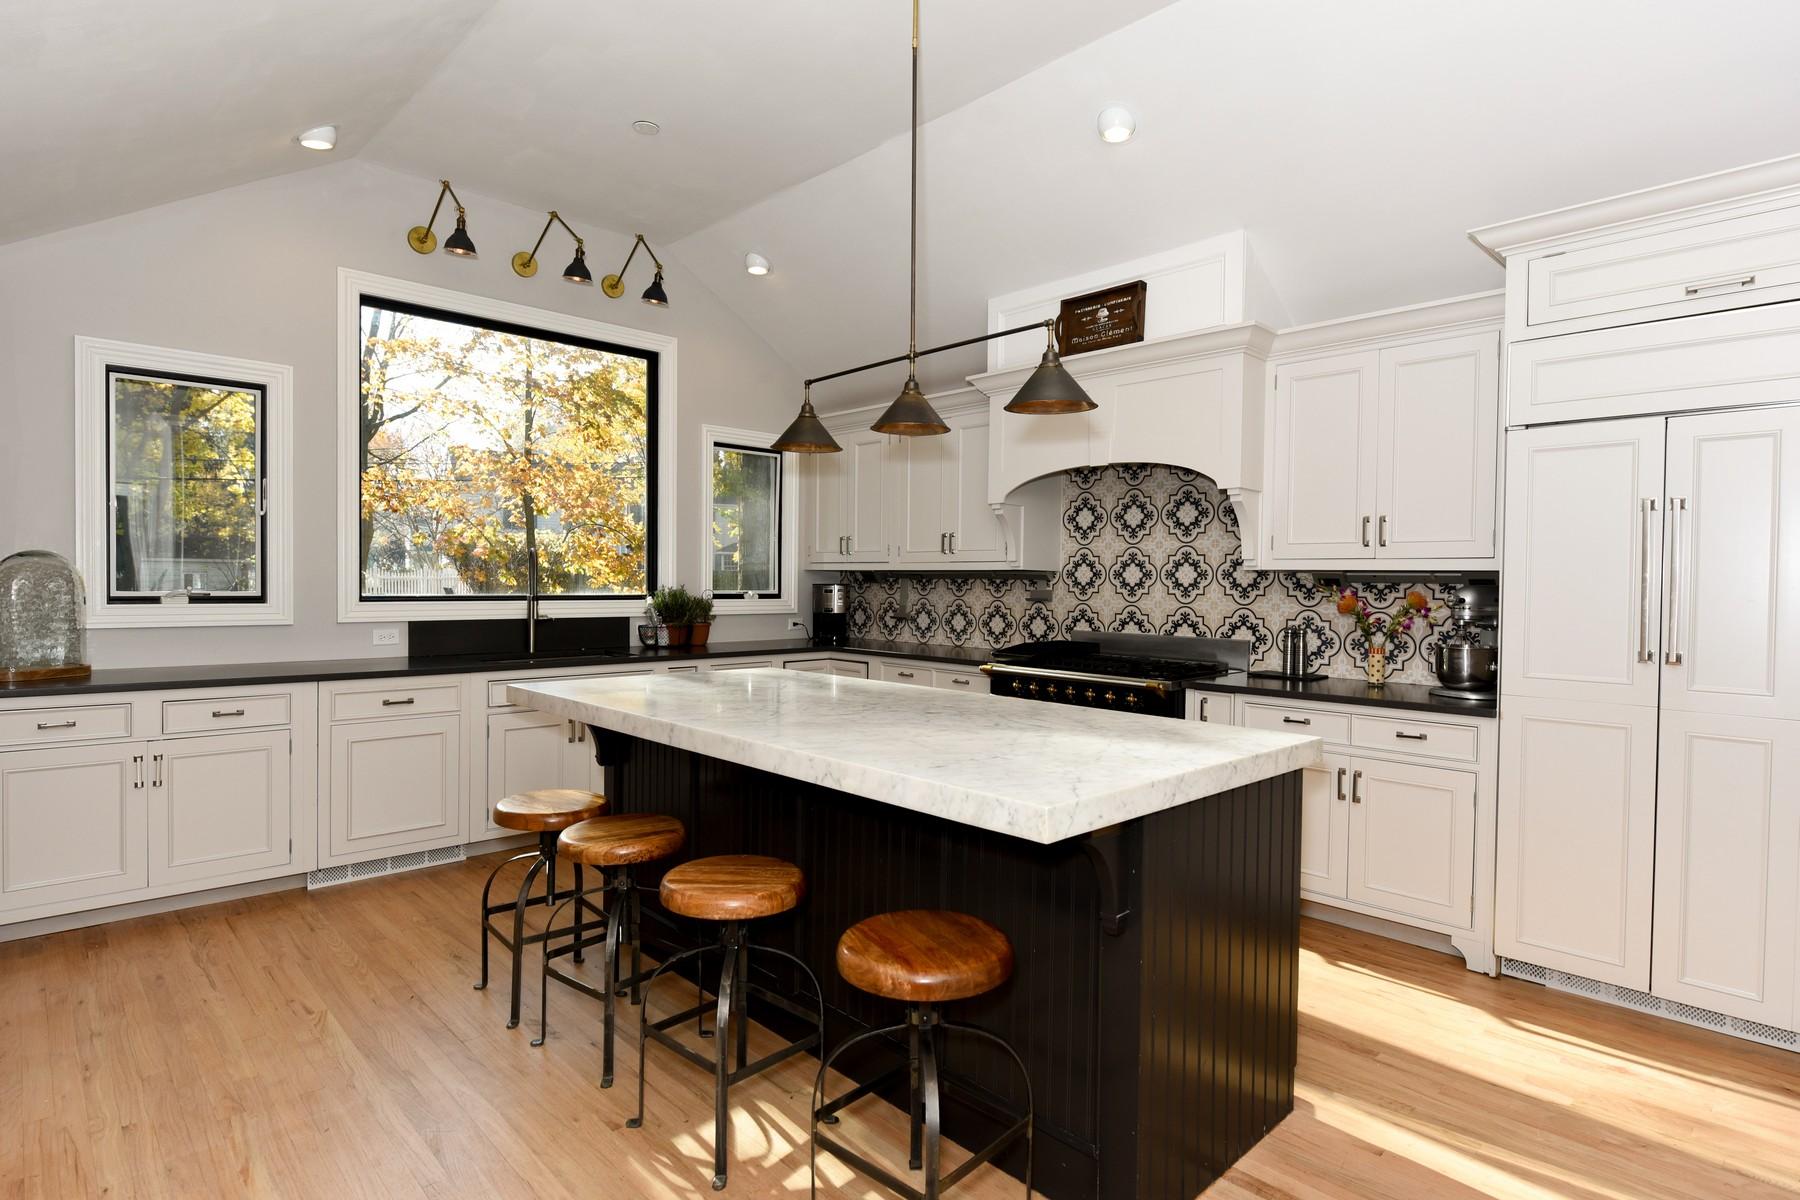 단독 가정 주택 용 매매 에 Premier Rumson Location 9 Robin Rd Rumson, 뉴저지, 07760 미국